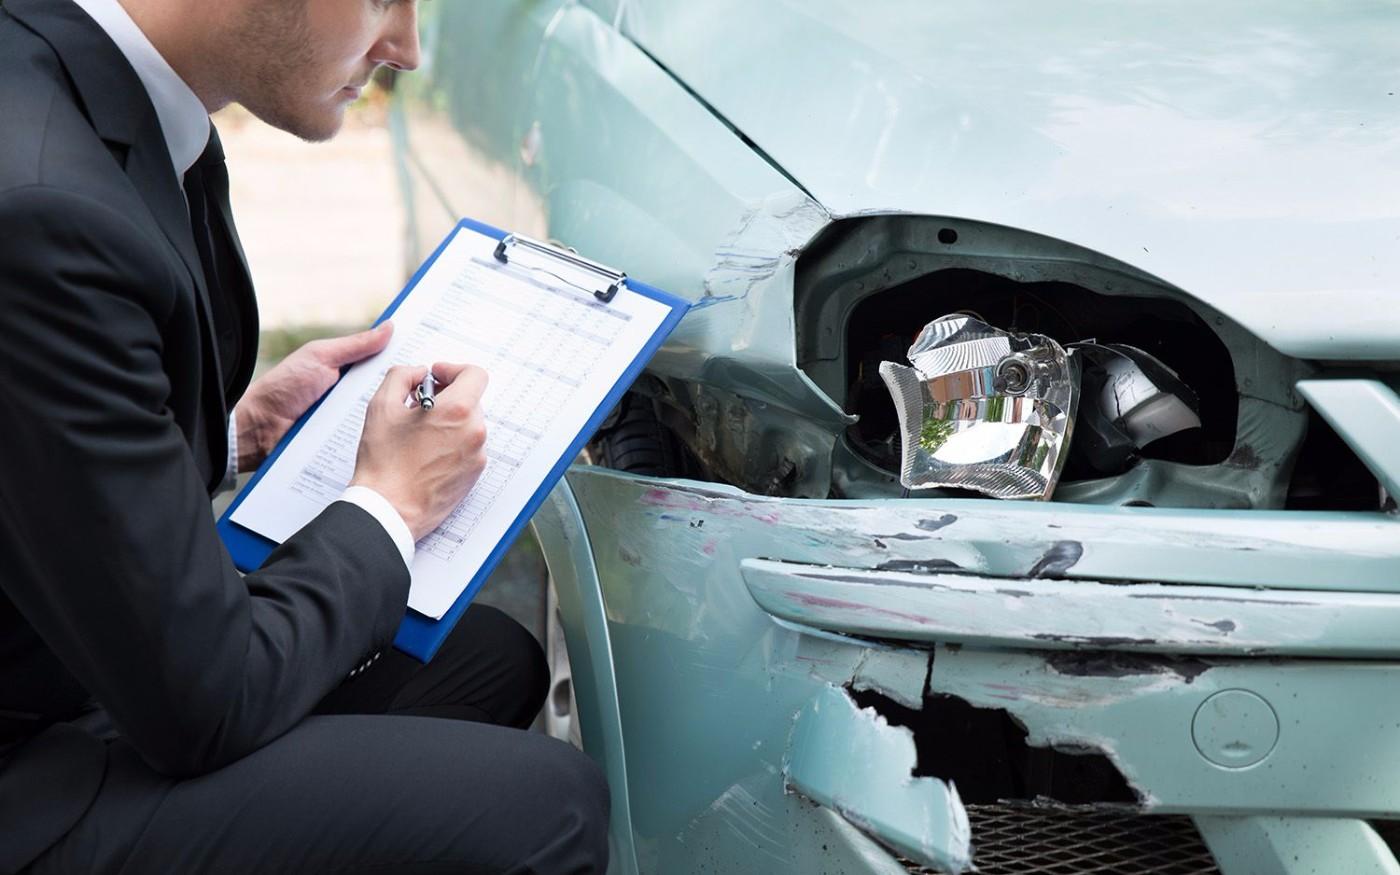 Робот Тотальные повреждения автомобиля осаго тот миг